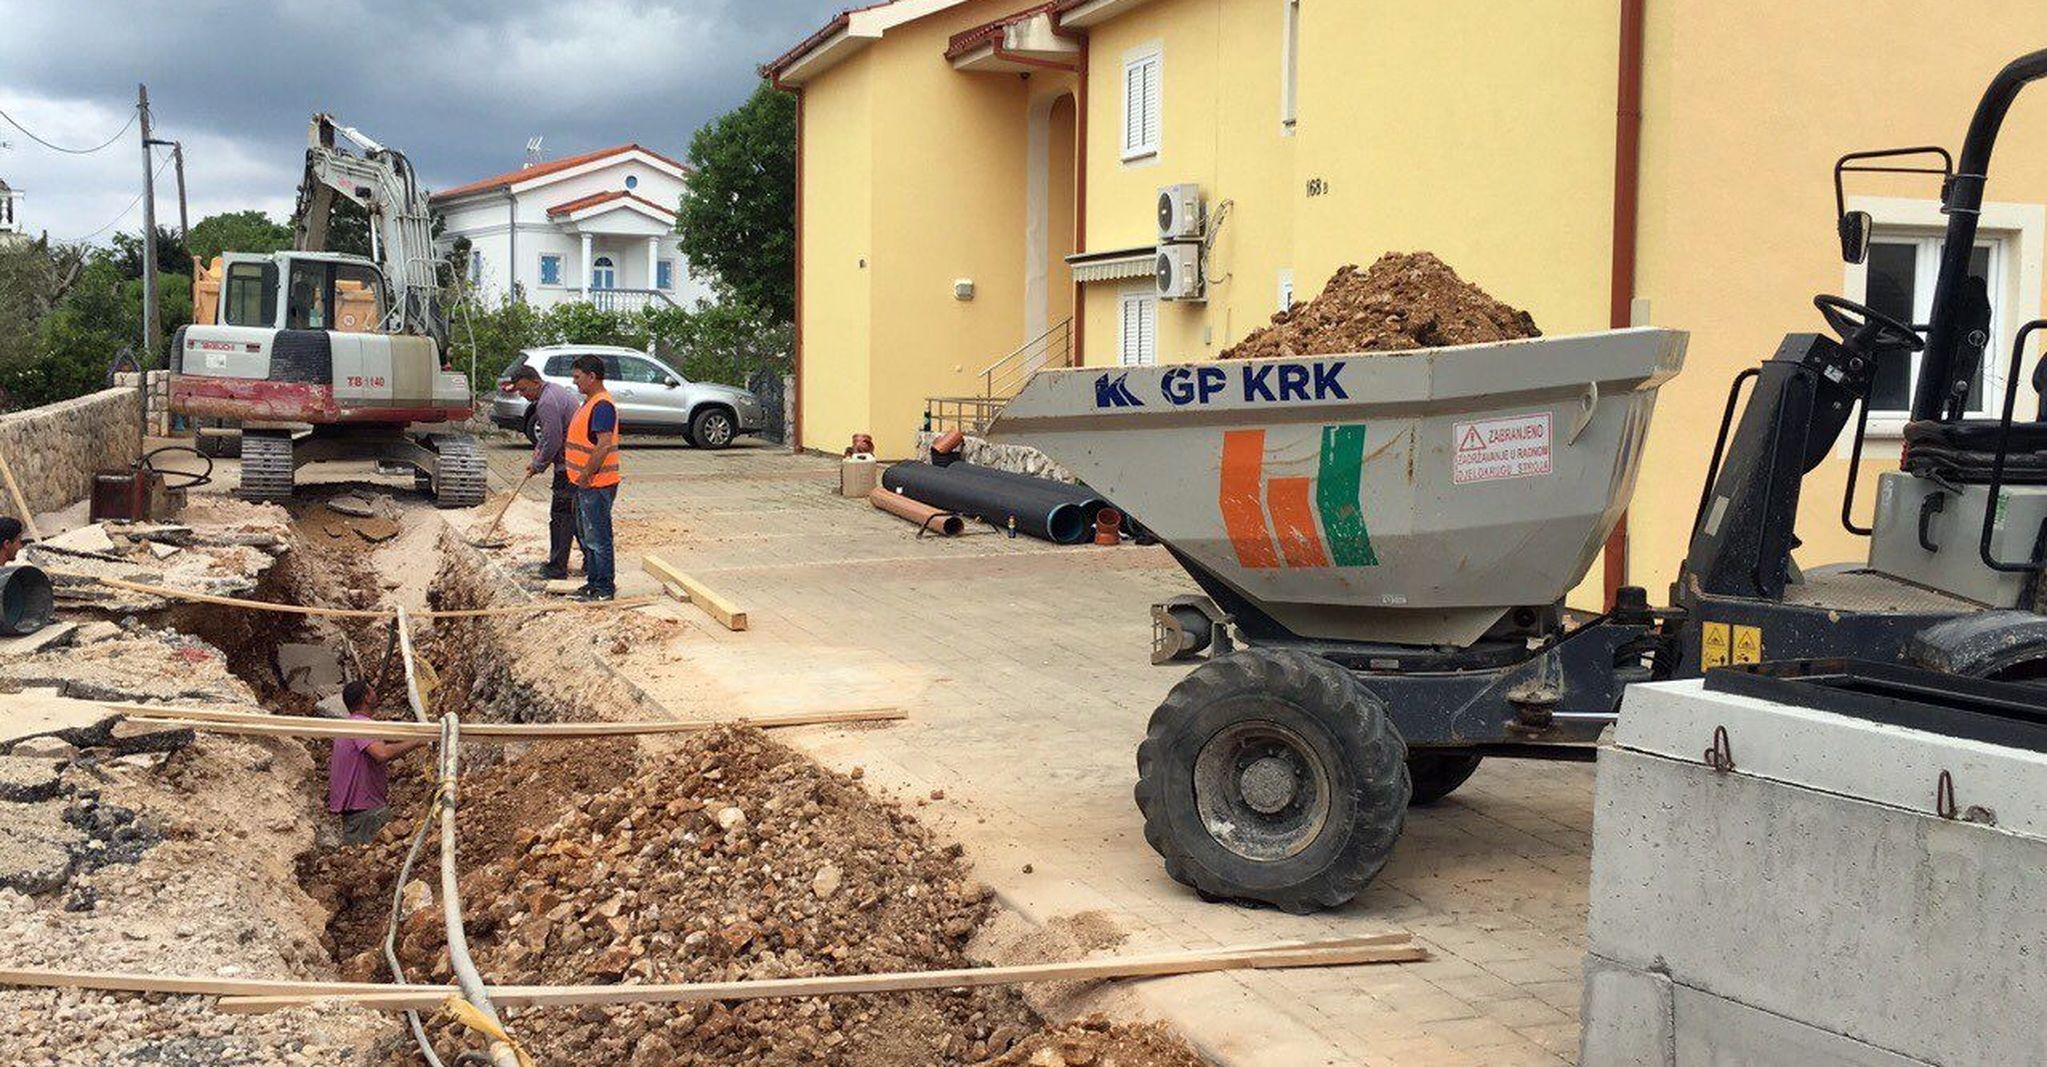 : Radovi na izgradnji kanalizacijskog sustava na otoku Krku idu prema svome kraju / Snimio M. TRINAJSTIĆ